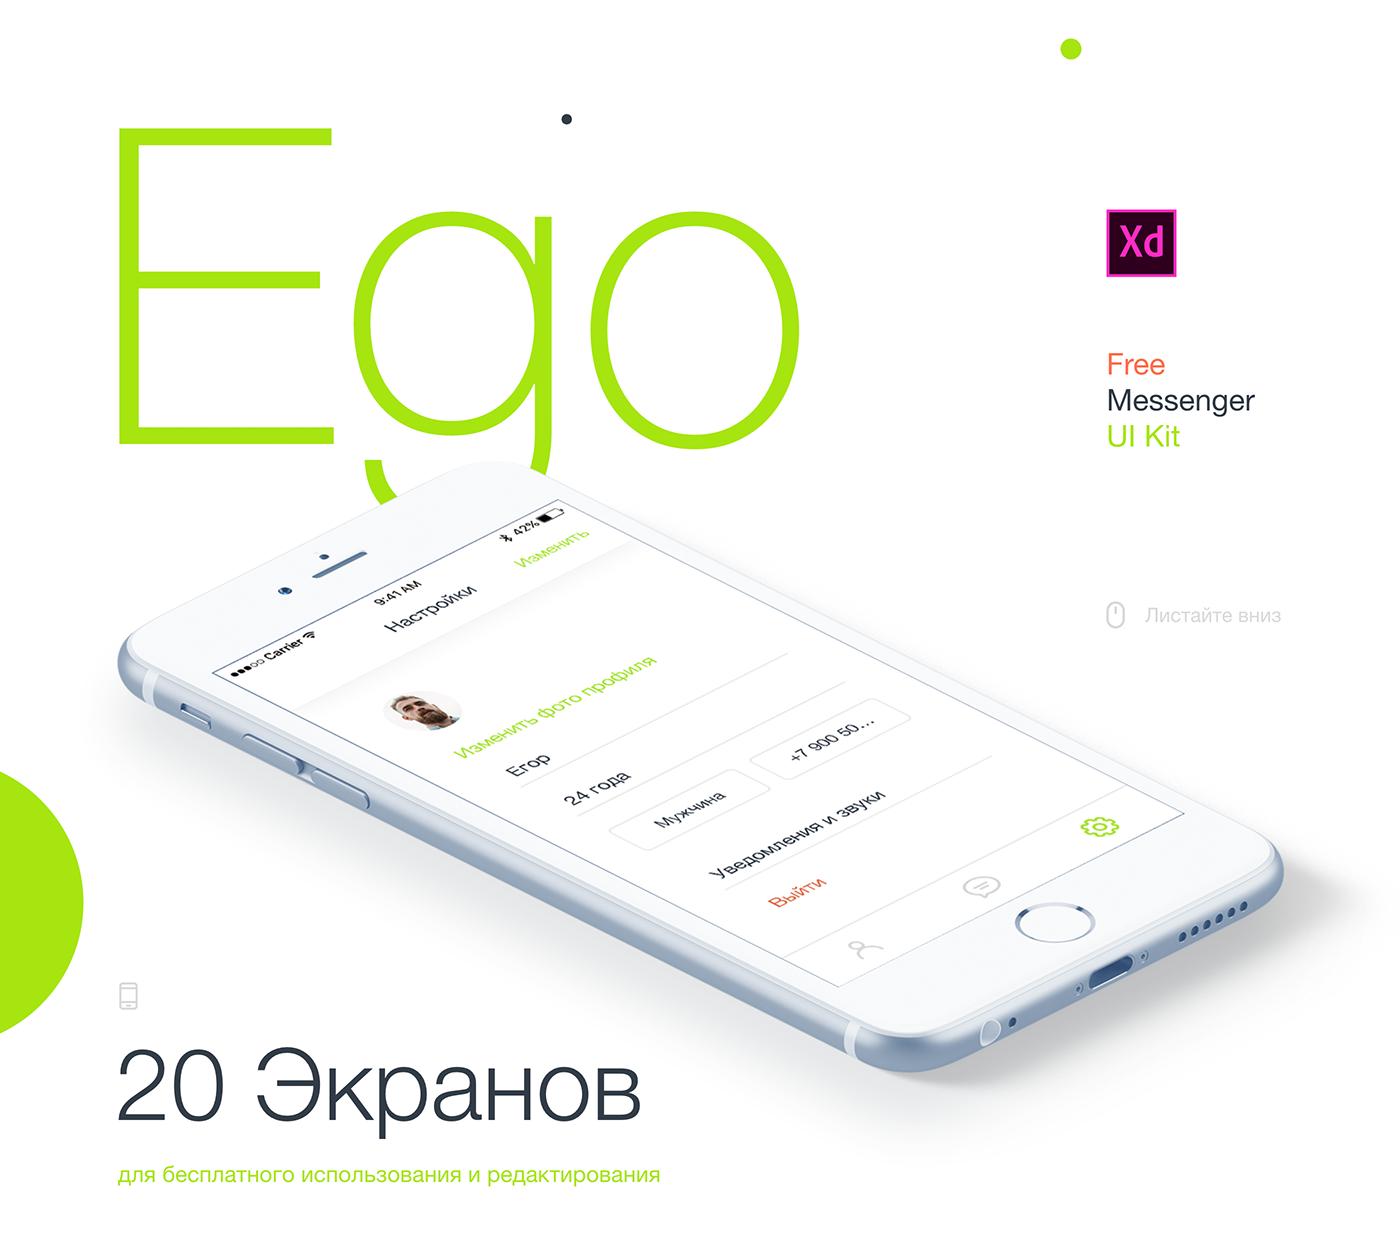 Ego Messenger Free UI Kit for Adobe XD